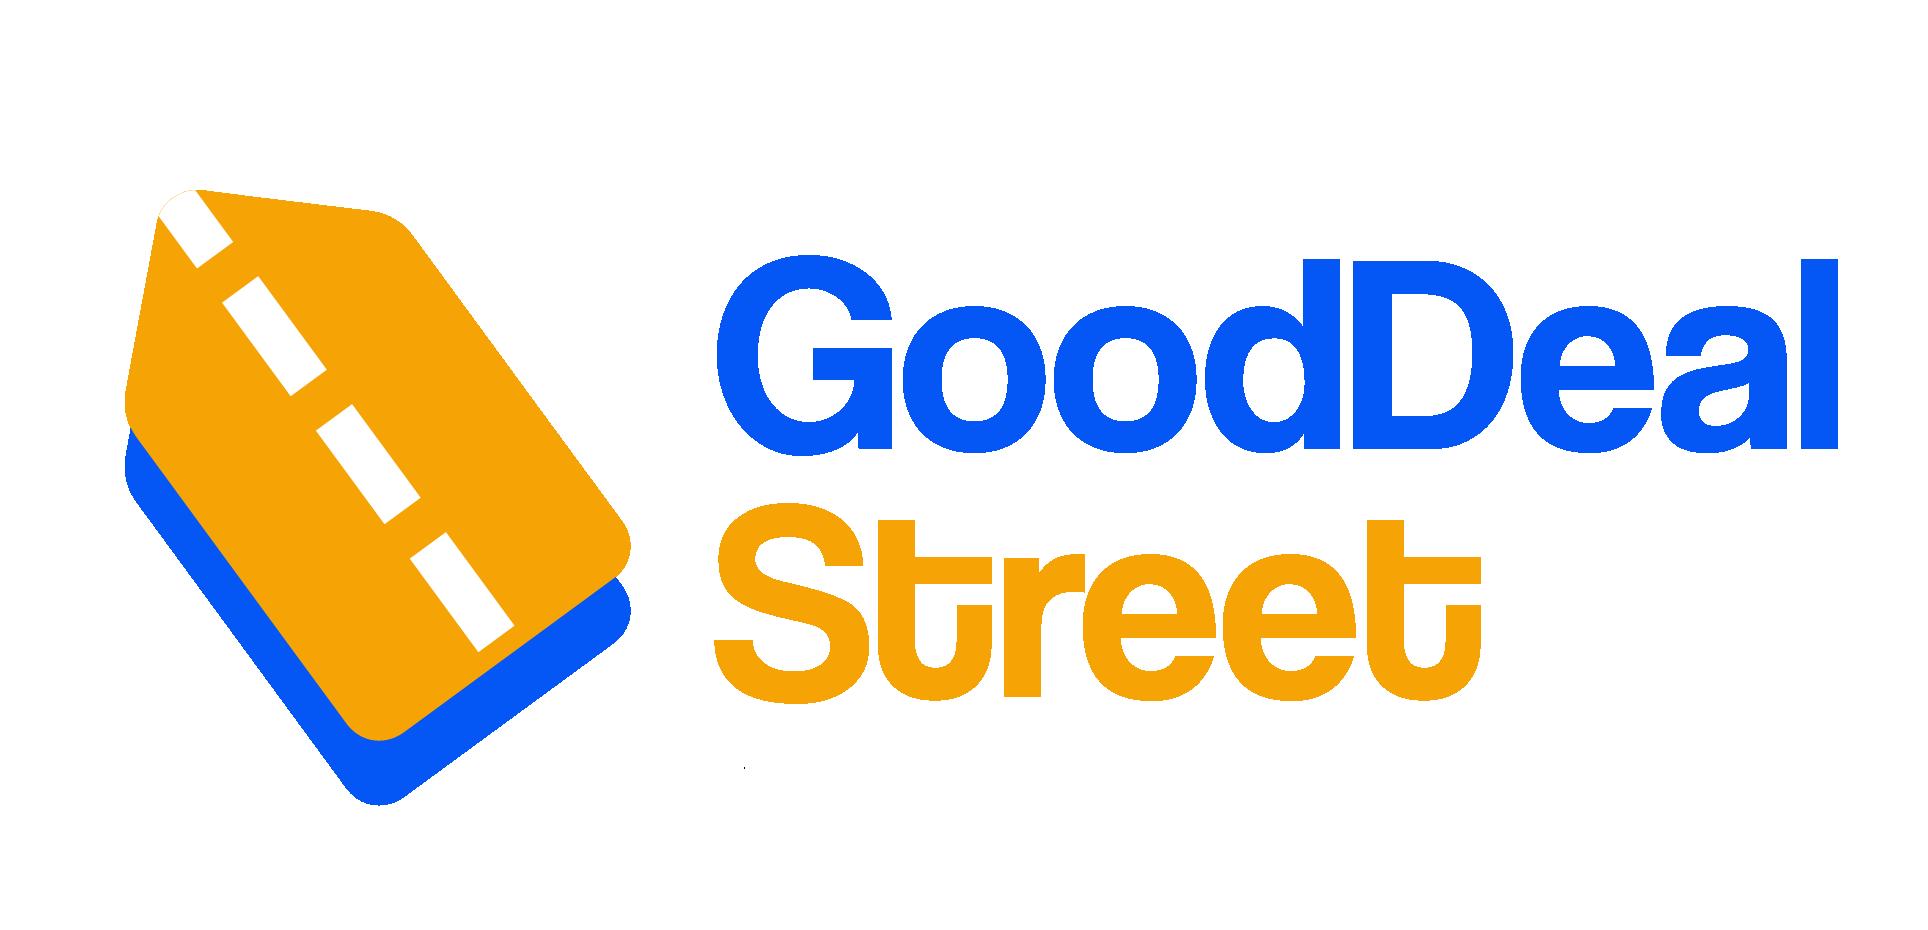 Good Deal Street